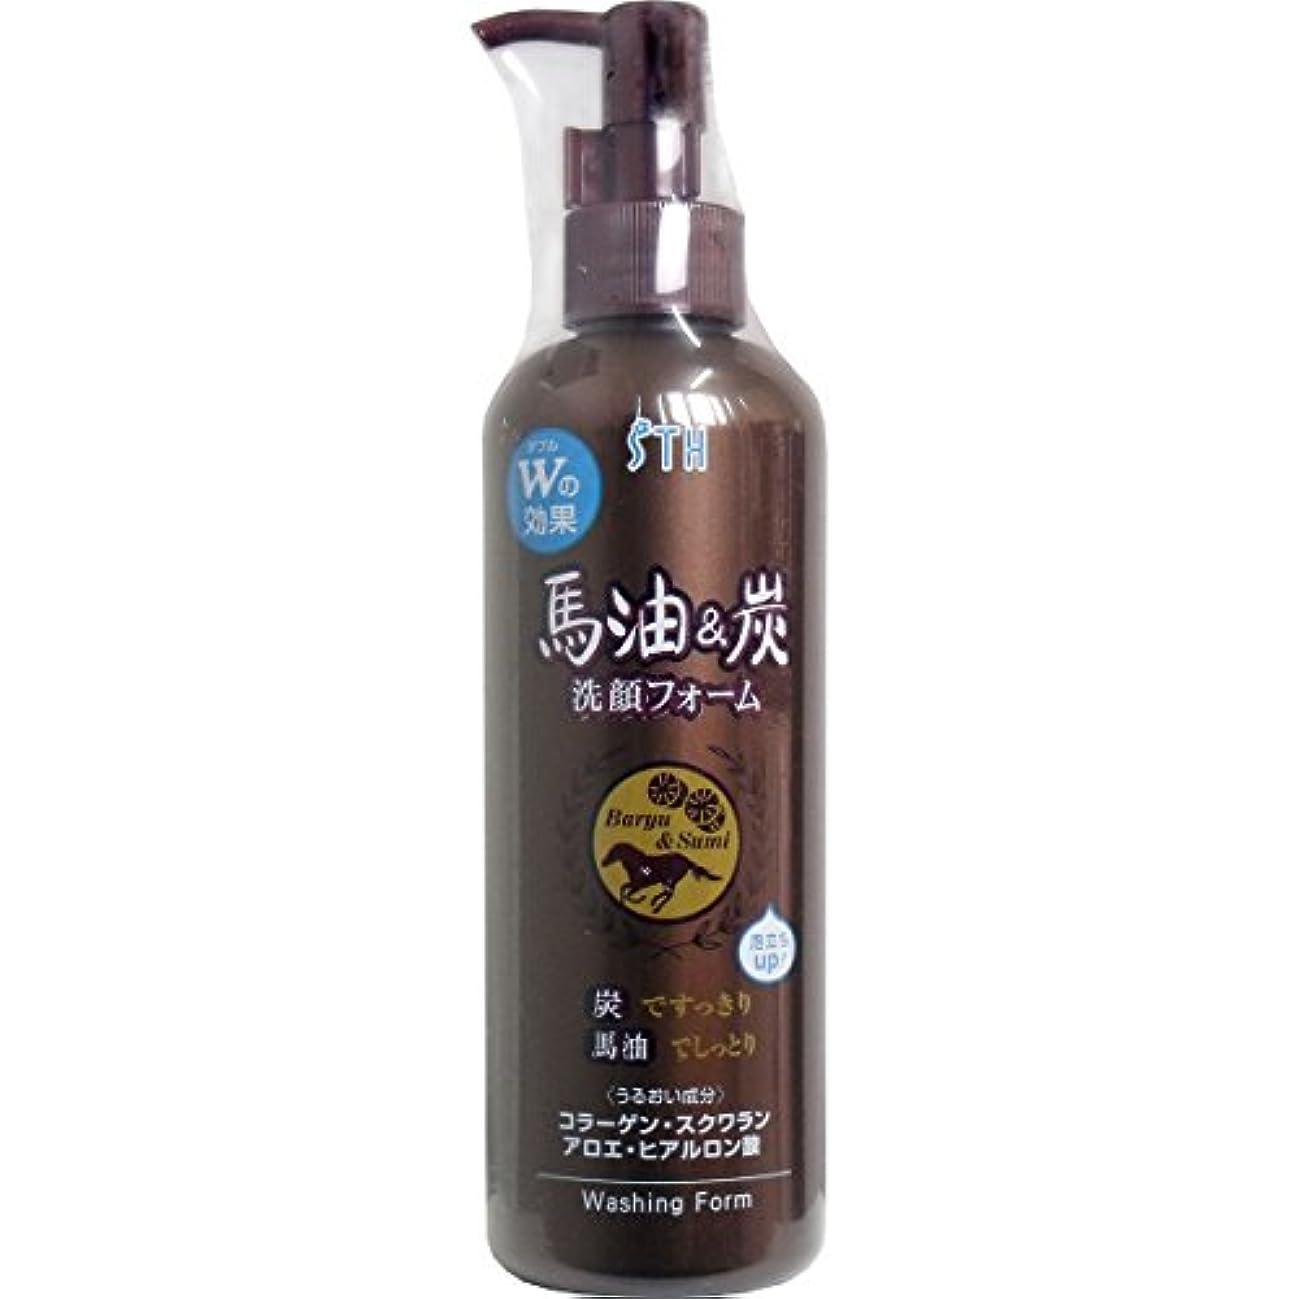 味付け対処する再現する馬油&炭 洗顔フォーム【1本】